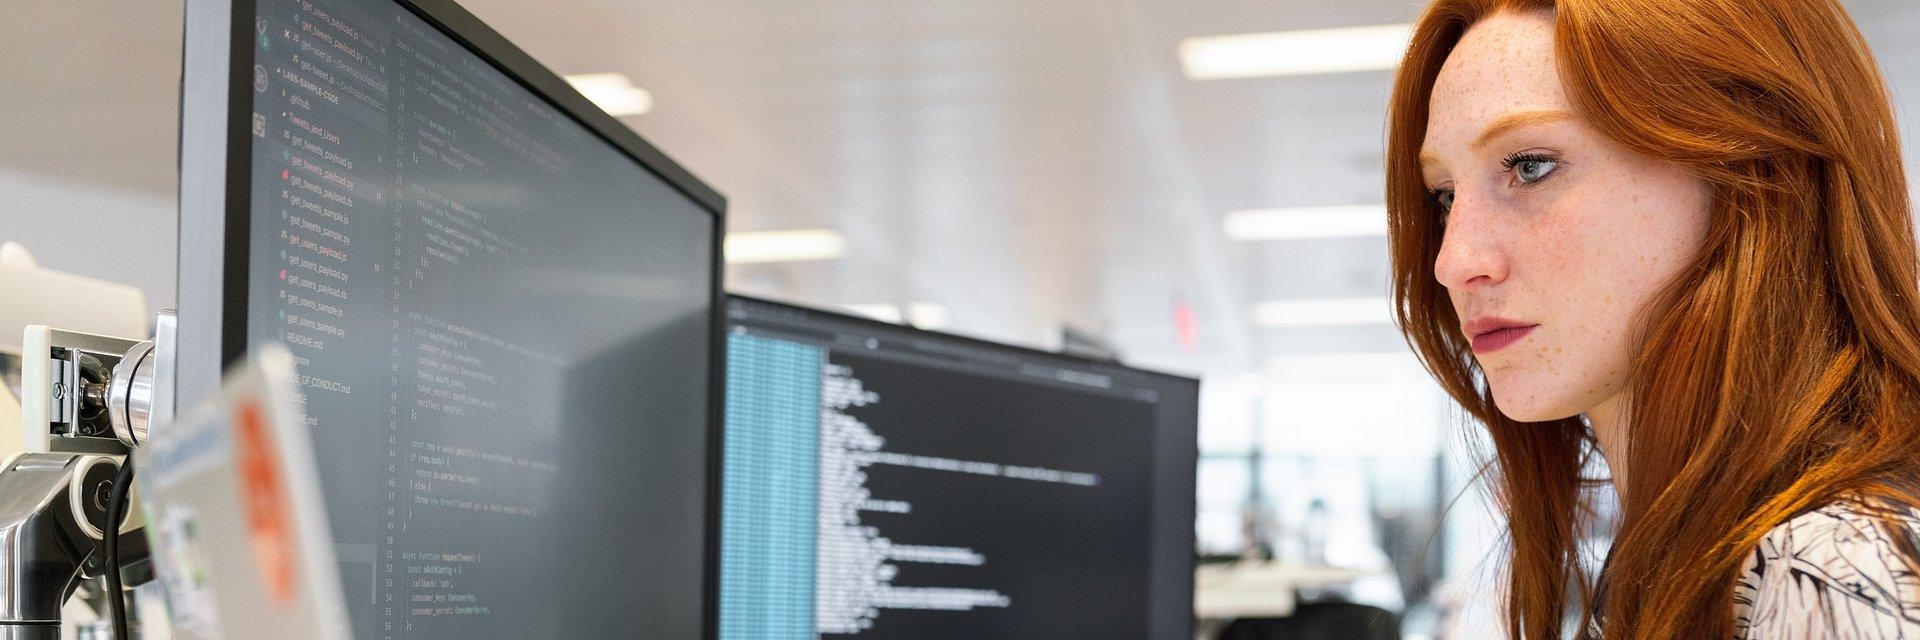 Jak inteligentna automatyzacja procesów wspiera biznes w nowych realiach?